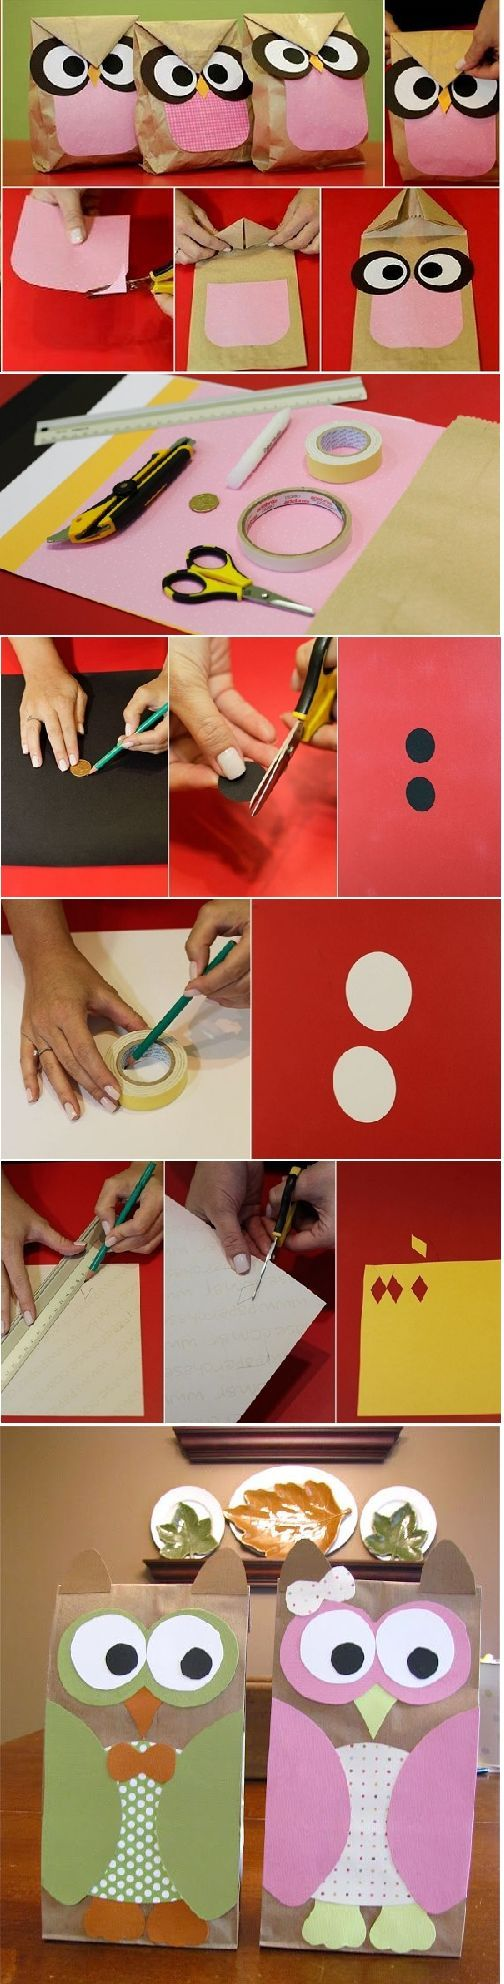 Inspirujemy niesamowitymi pomysłami handmade oraz DIY. Instrukcje i poradniki zrób to sam.